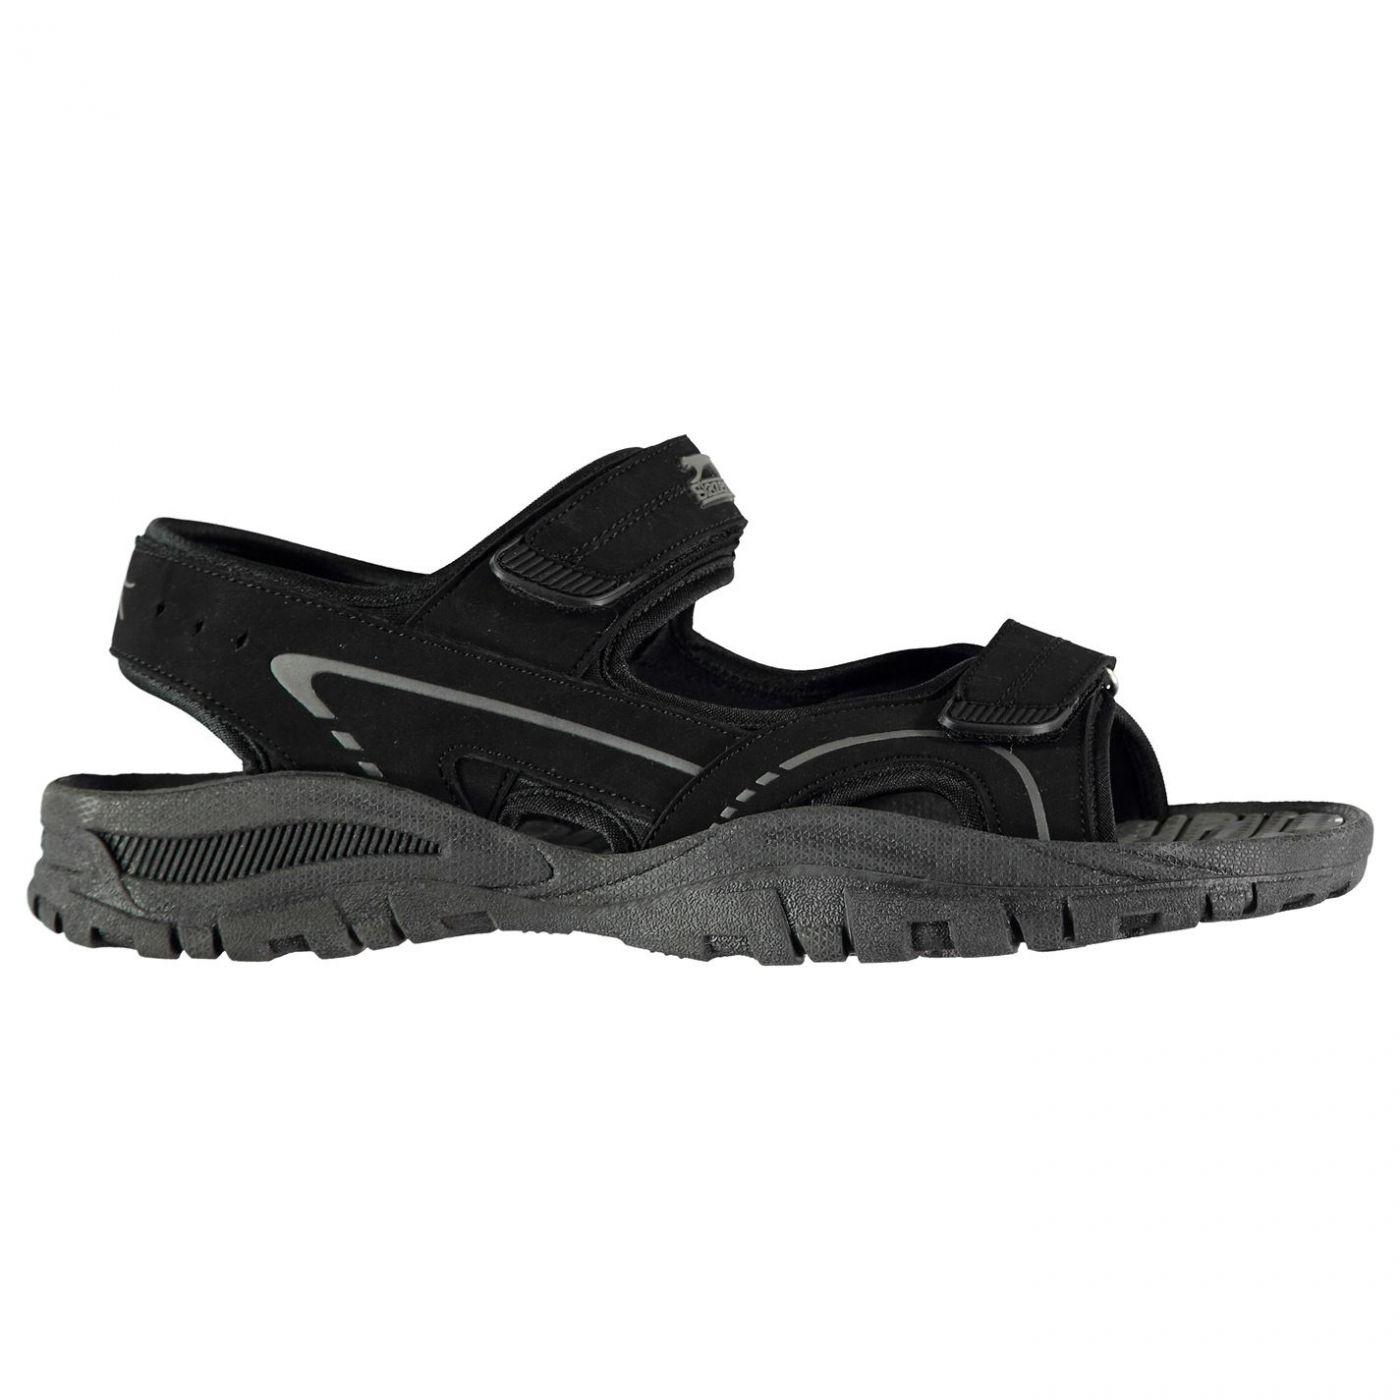 Slazenger Wave Mens Sandals